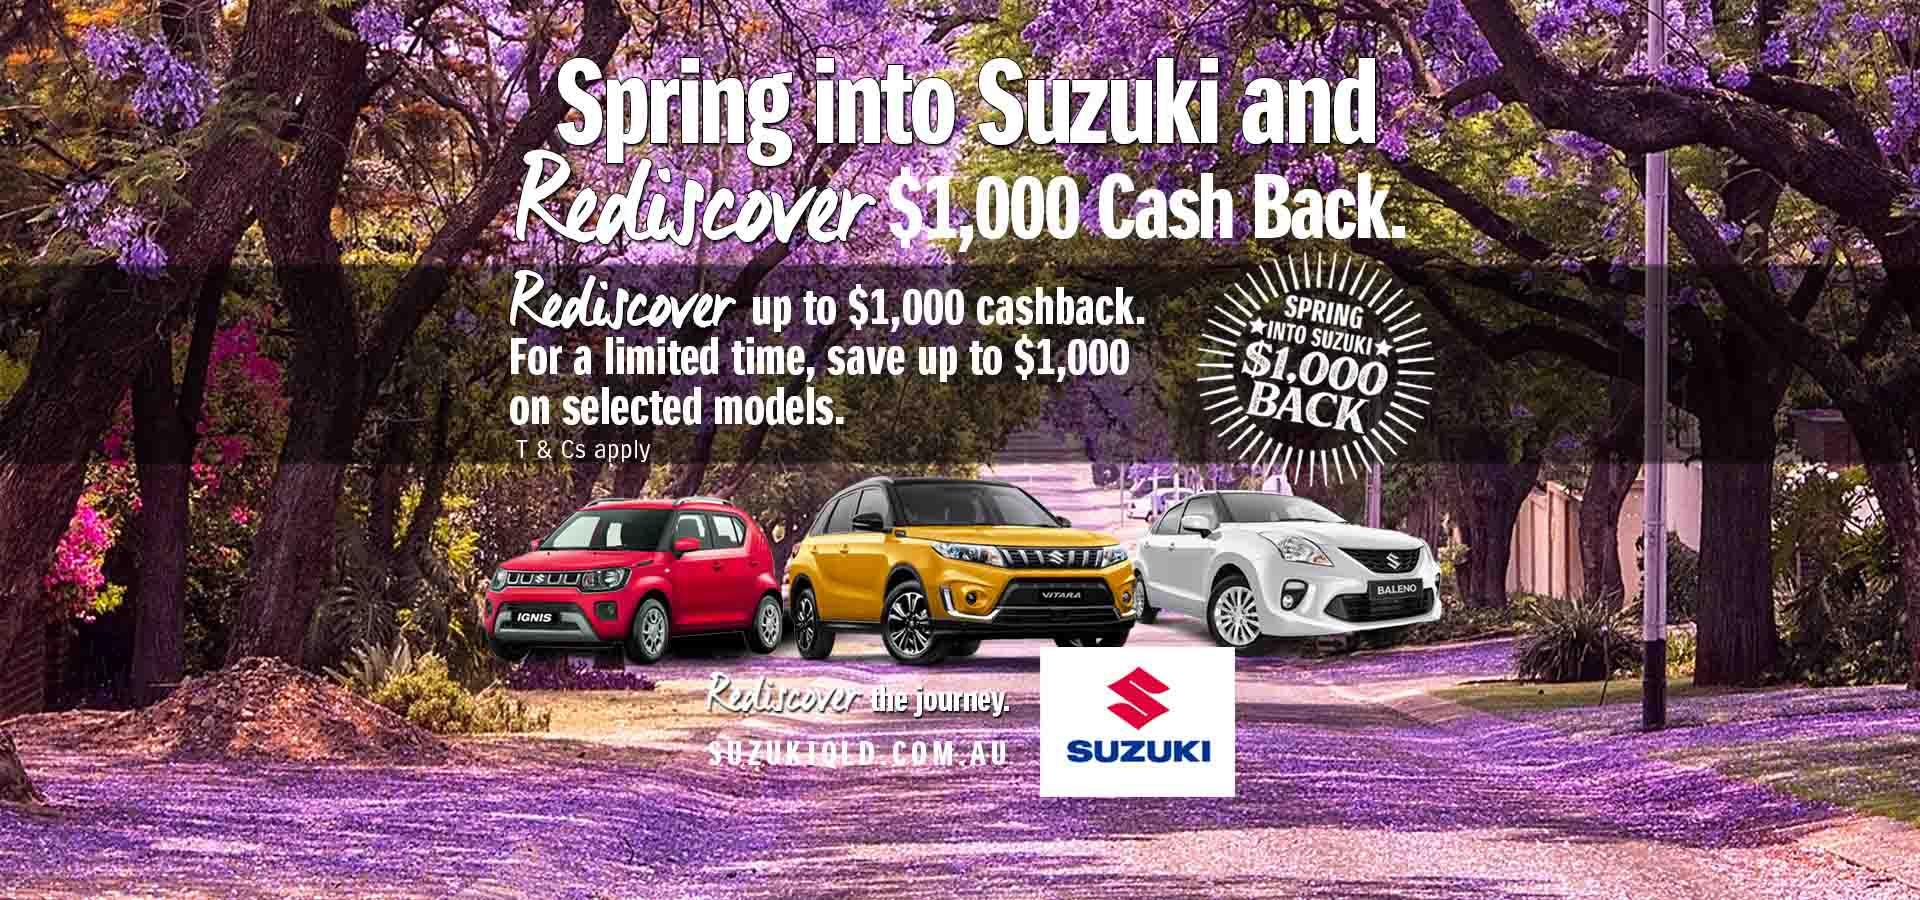 Suzuki QLD - Spring Into Suzuki